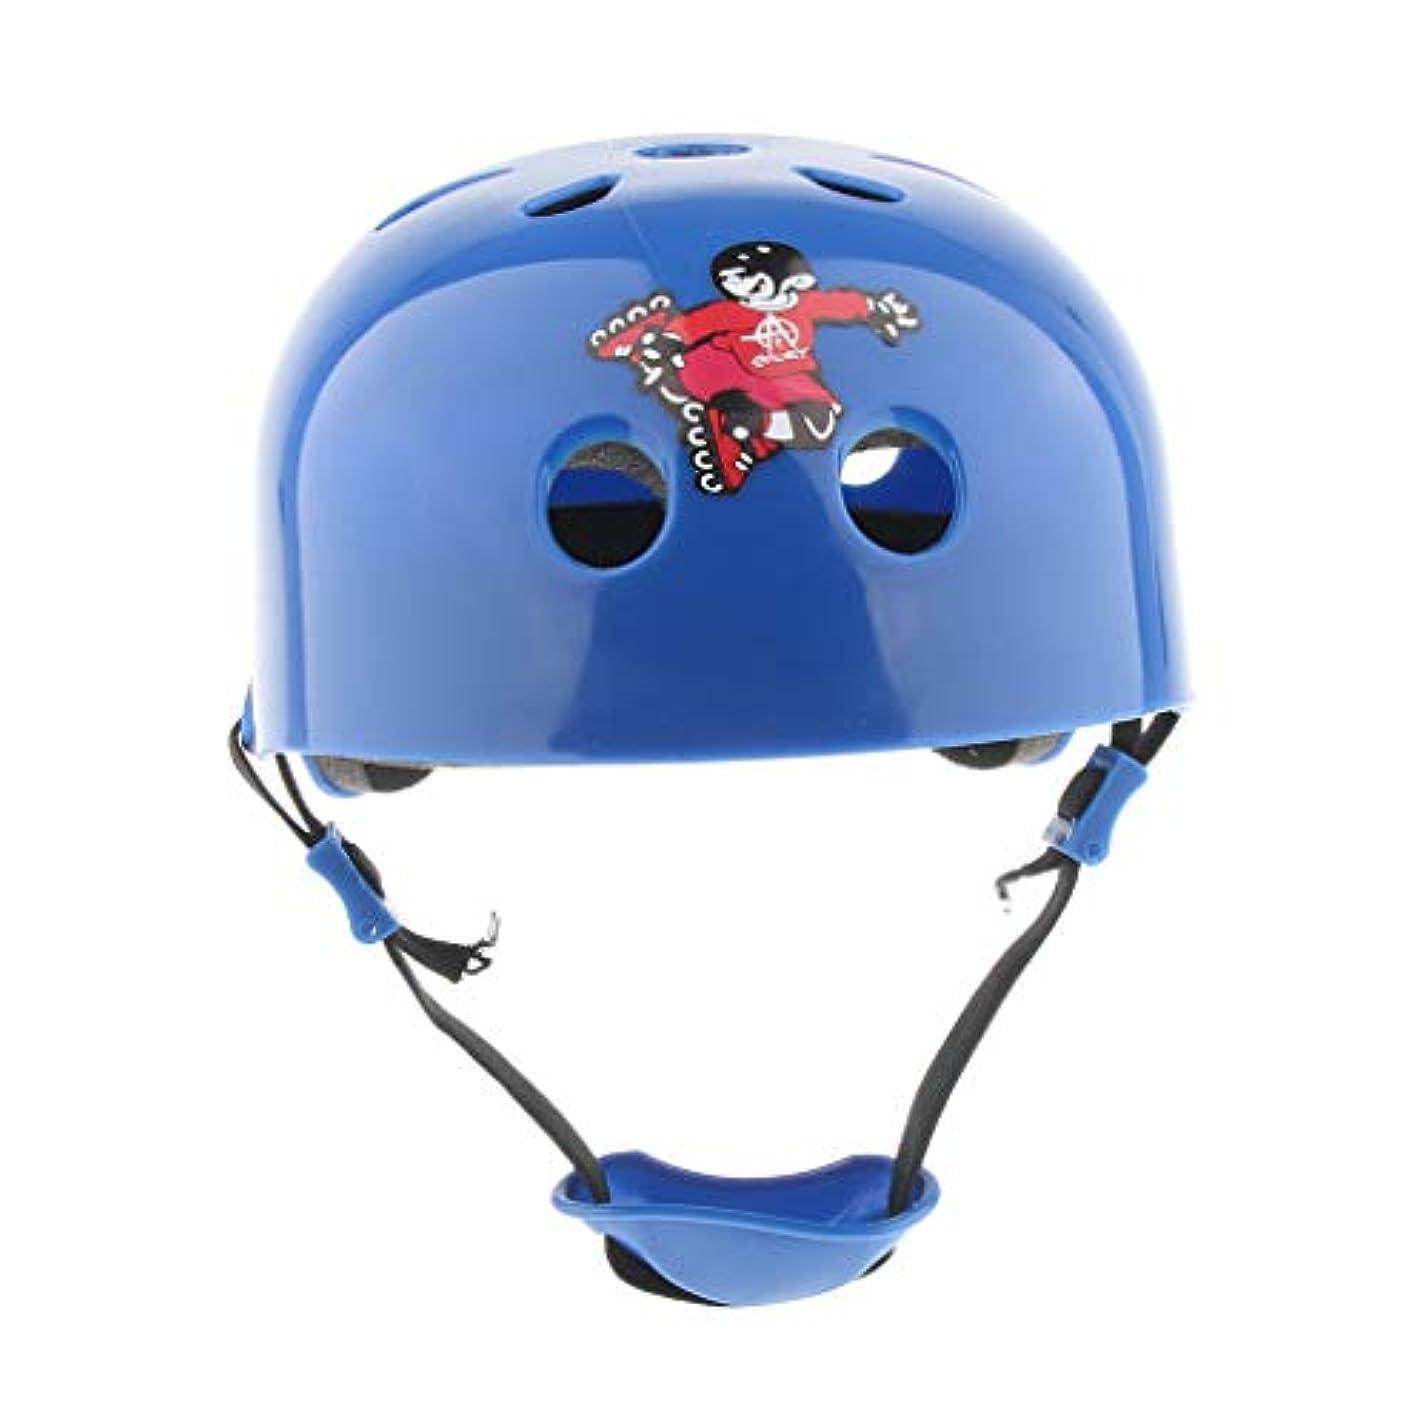 ガラス憤るメガロポリスPrettyia 安全ヘルメット スクーター ローラー スケートボード 自転車 子供 男の子 女の子